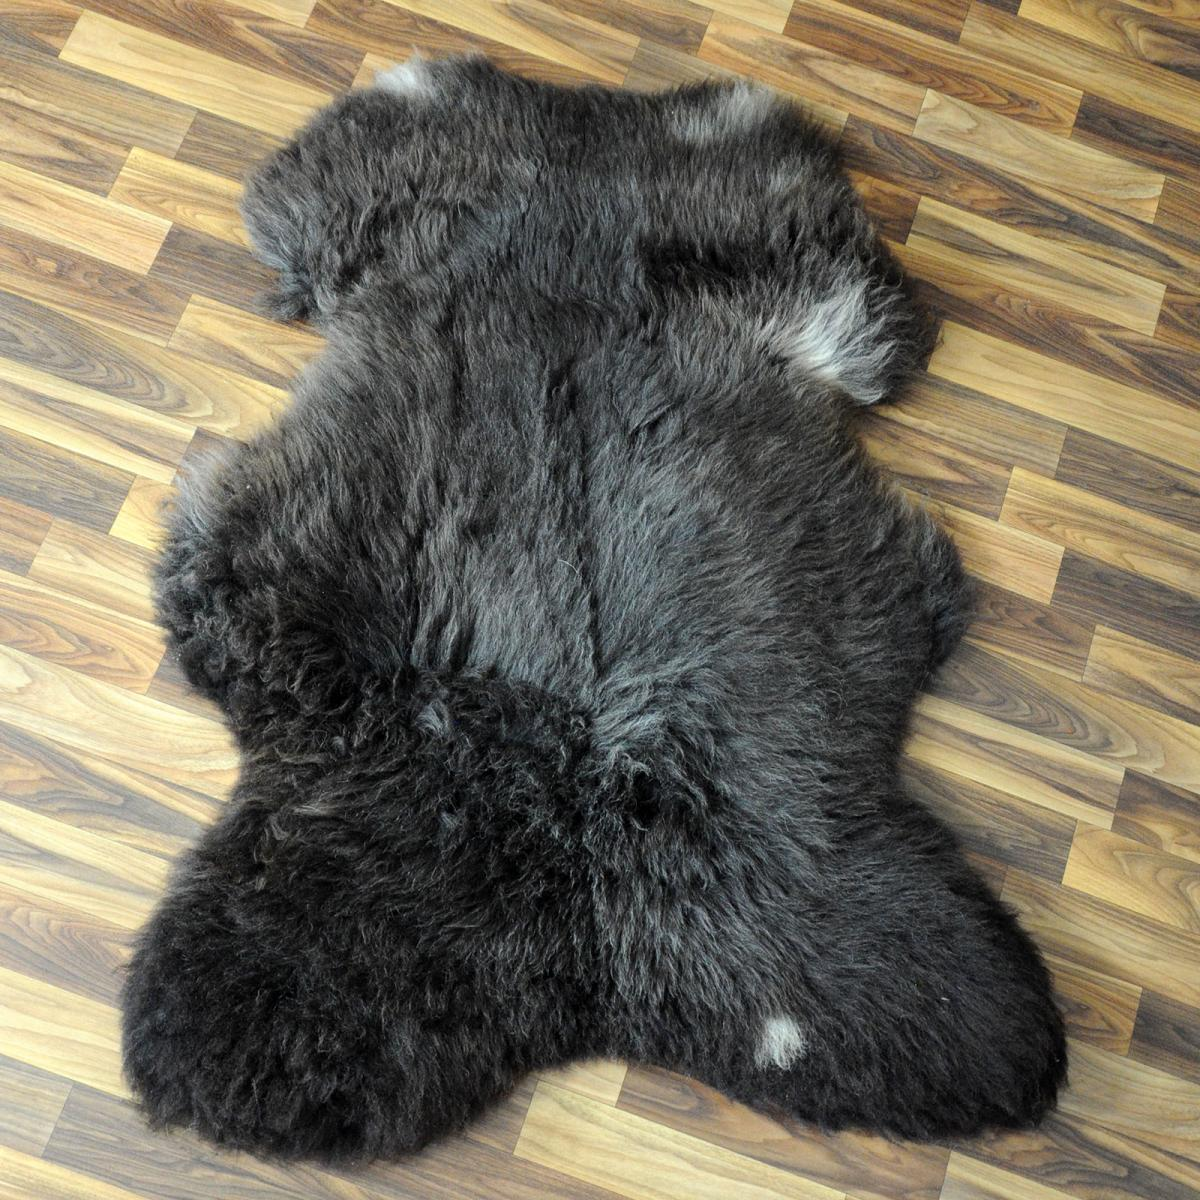 xxl ko schaffell fell creme wei 120x80 geschoren 5302 5302. Black Bedroom Furniture Sets. Home Design Ideas